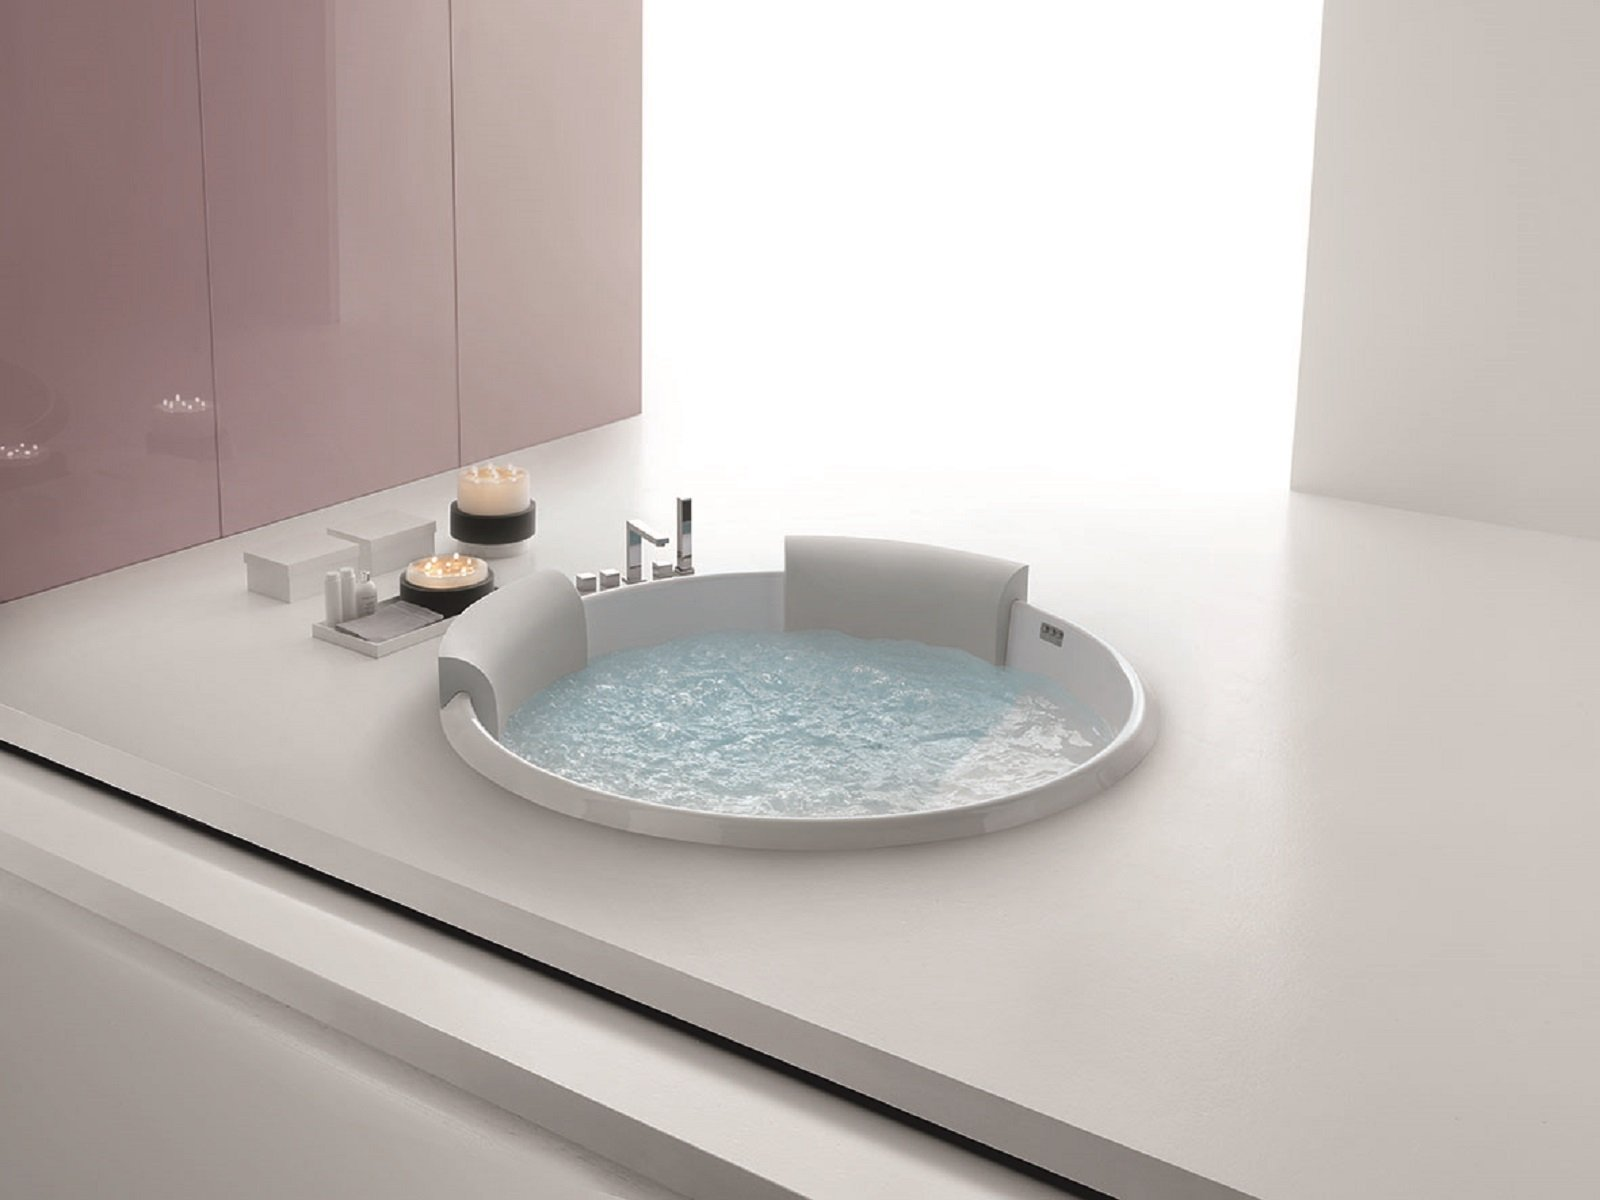 Vasche da incasso a parete o nell angolo - Dimensioni minime vasca da bagno ...